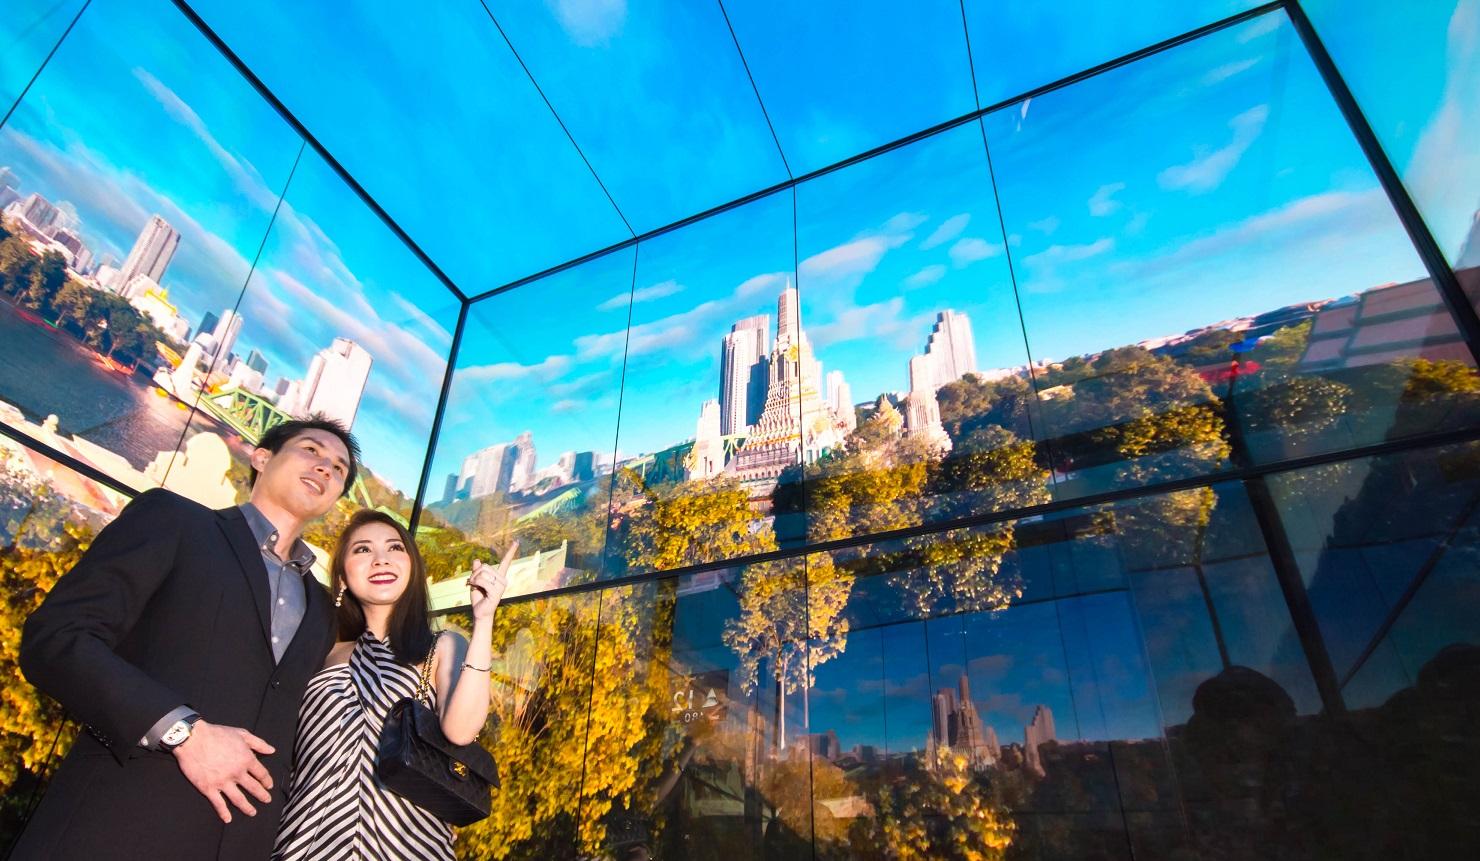 태국 최고층 건물인 마하나콘 타워의 전망대 전용 엘리베이터 탑승객들이 내부 4면을 둘러싼 LG 올레드 사이니지를 통해 방콕의 모습을 감상하고 있다.